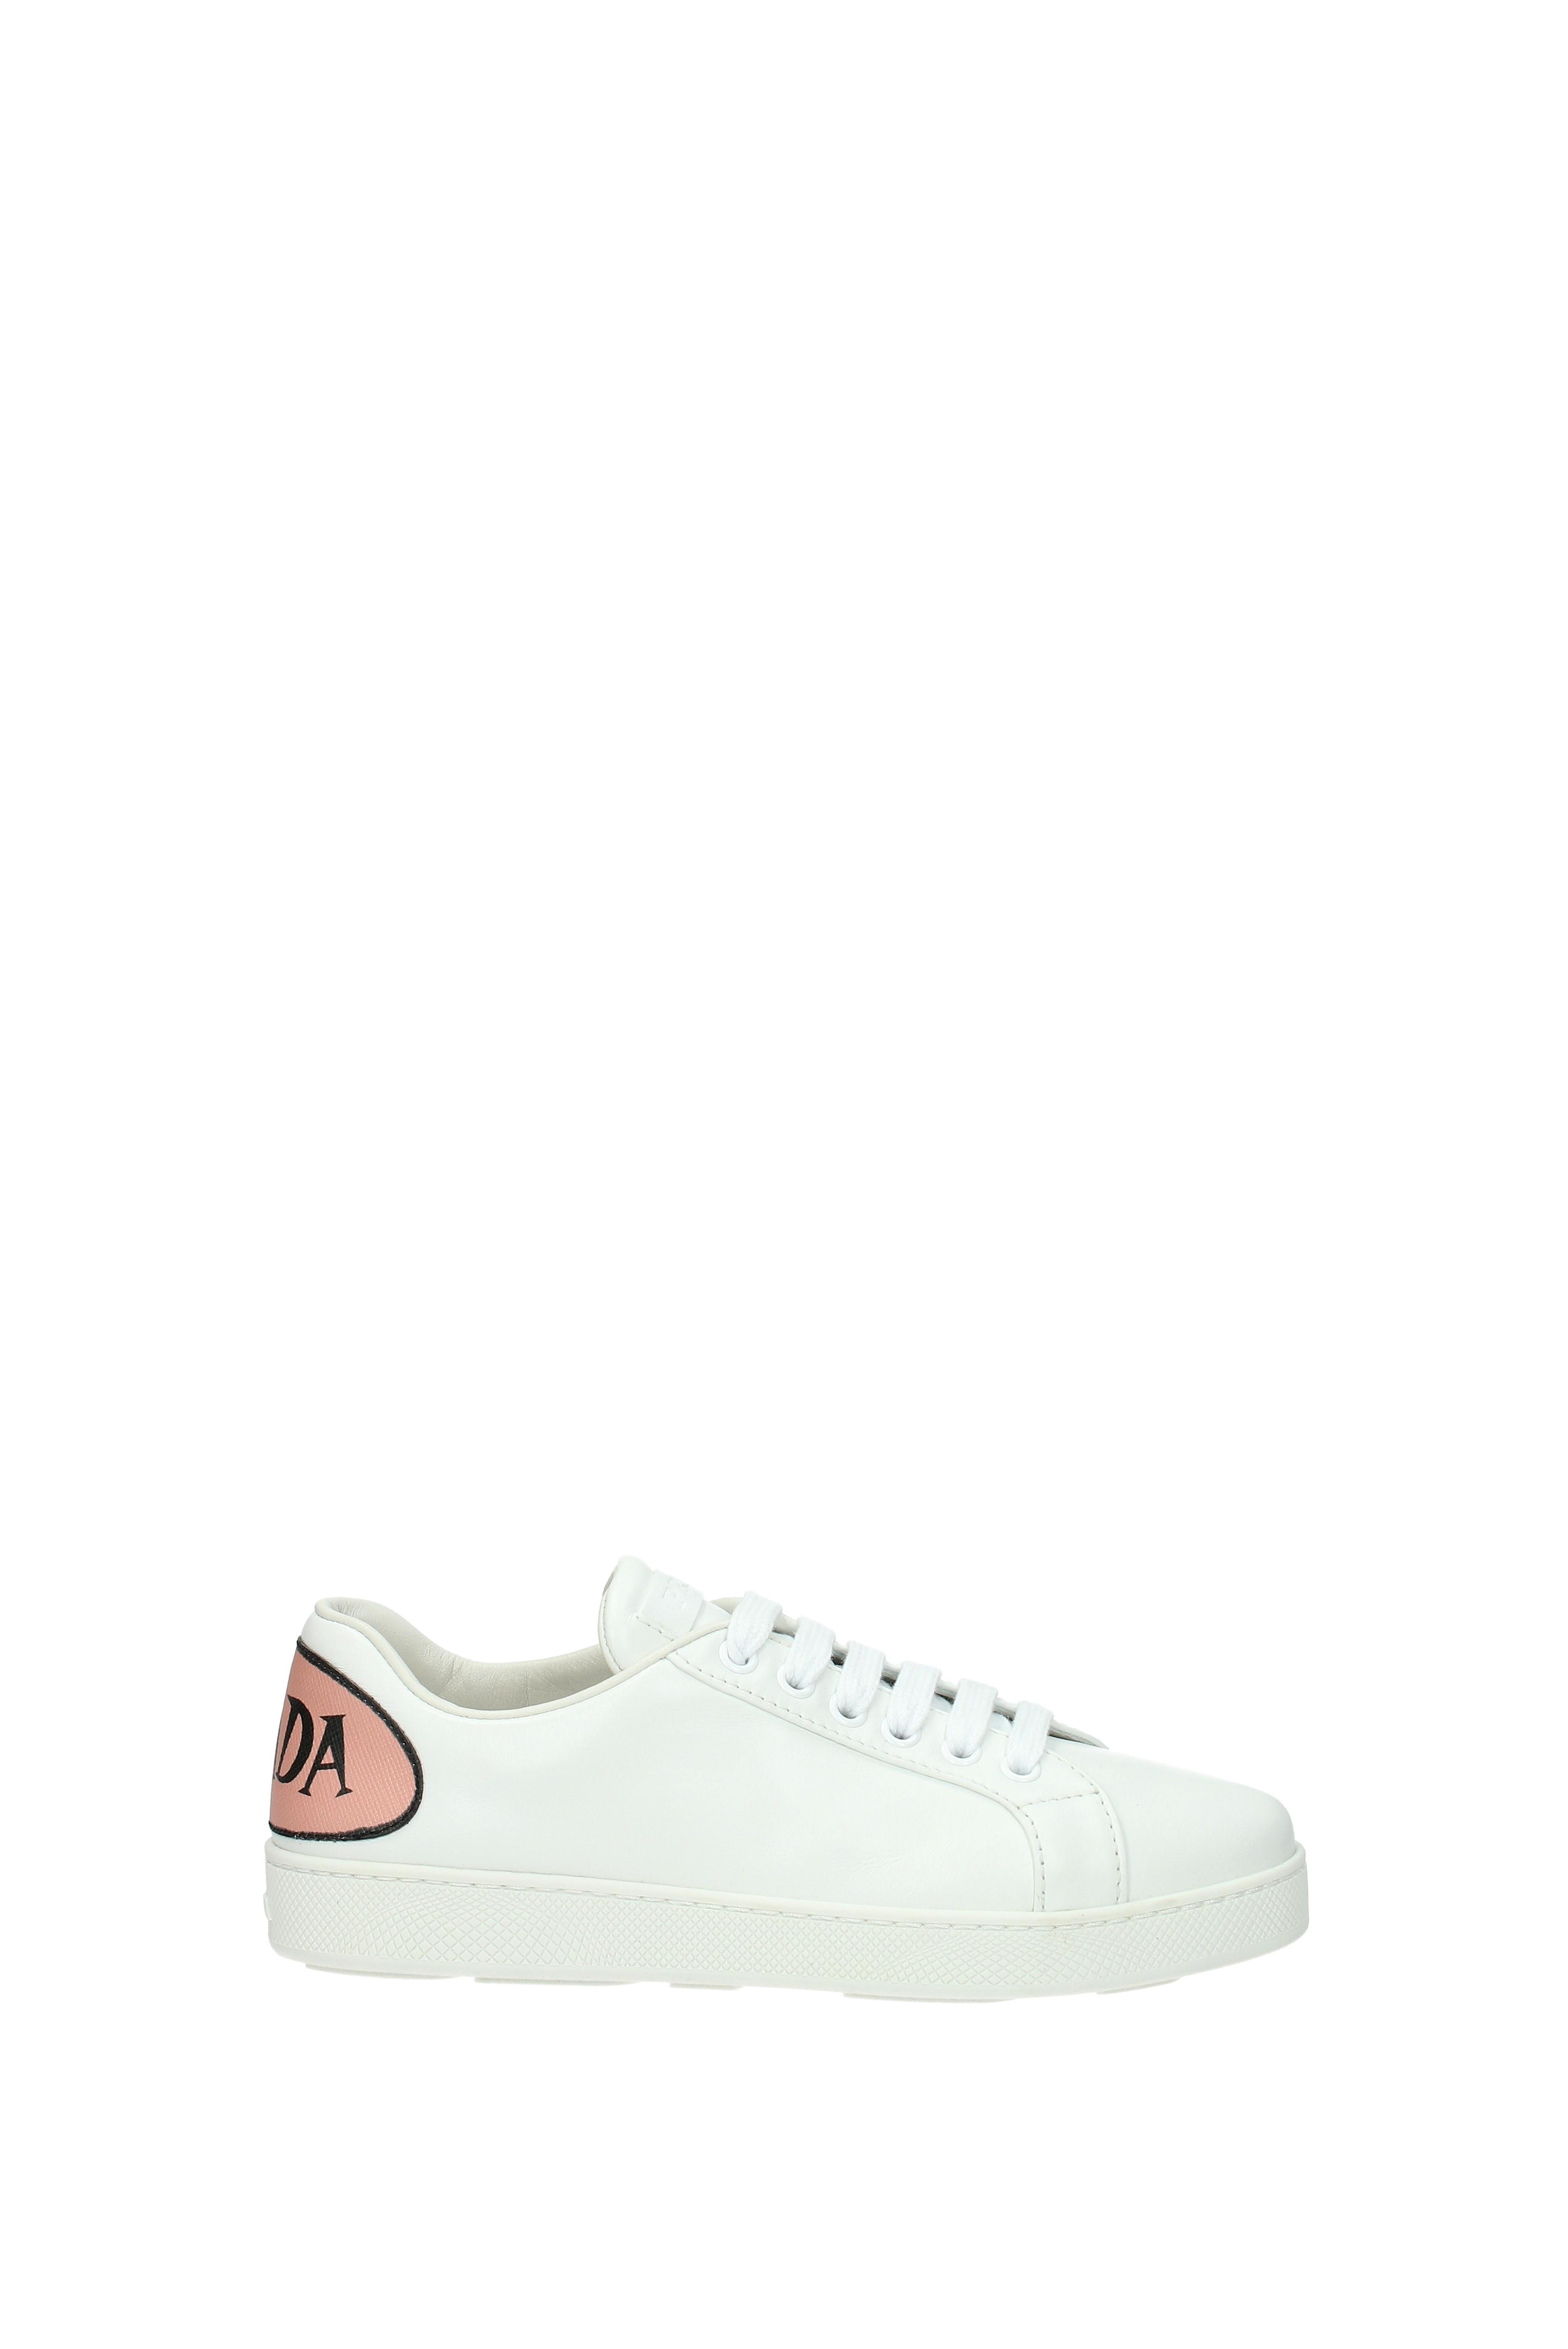 Sneakers Prada Prada Sneakers Damen - Leder (1E779I) c36ae8